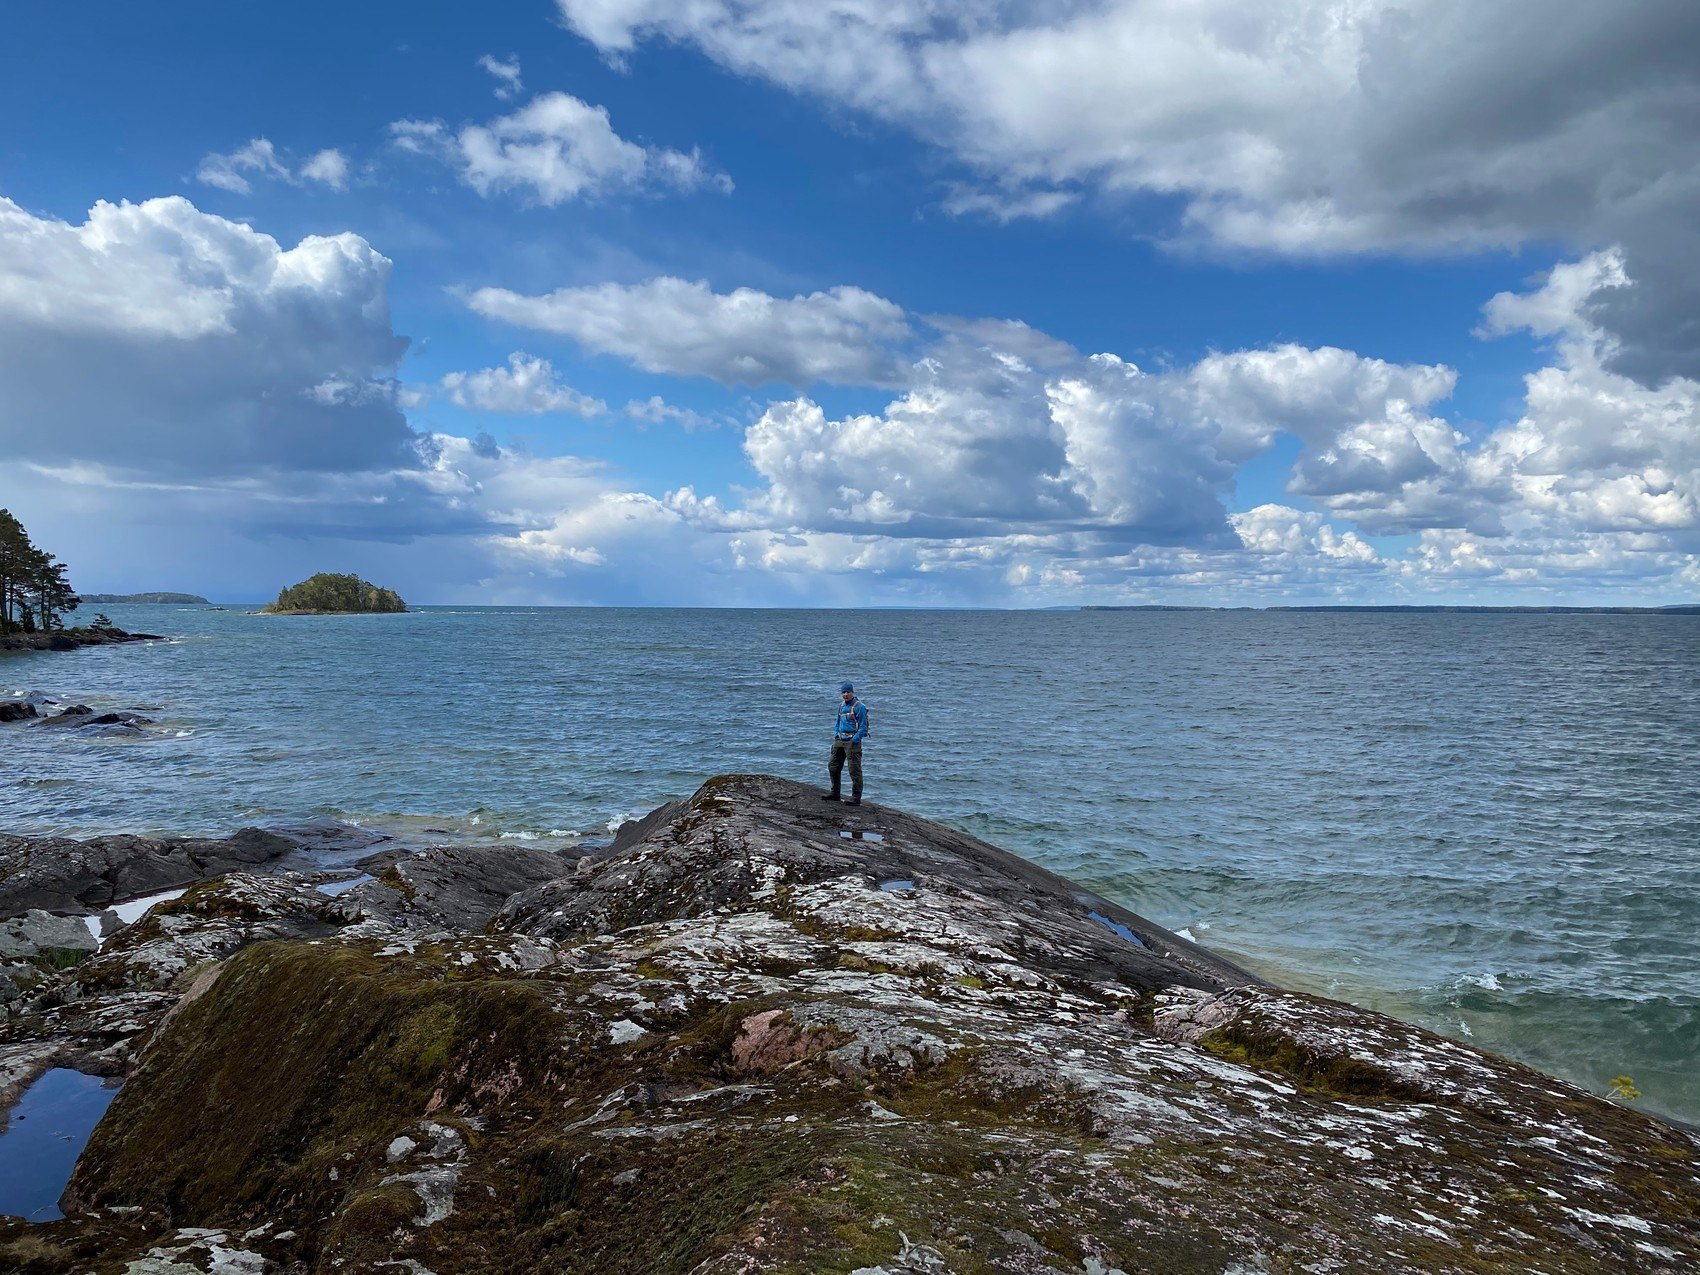 Vy över klipper och vatten. En person står på en klippa och tittat ut över vattnet.